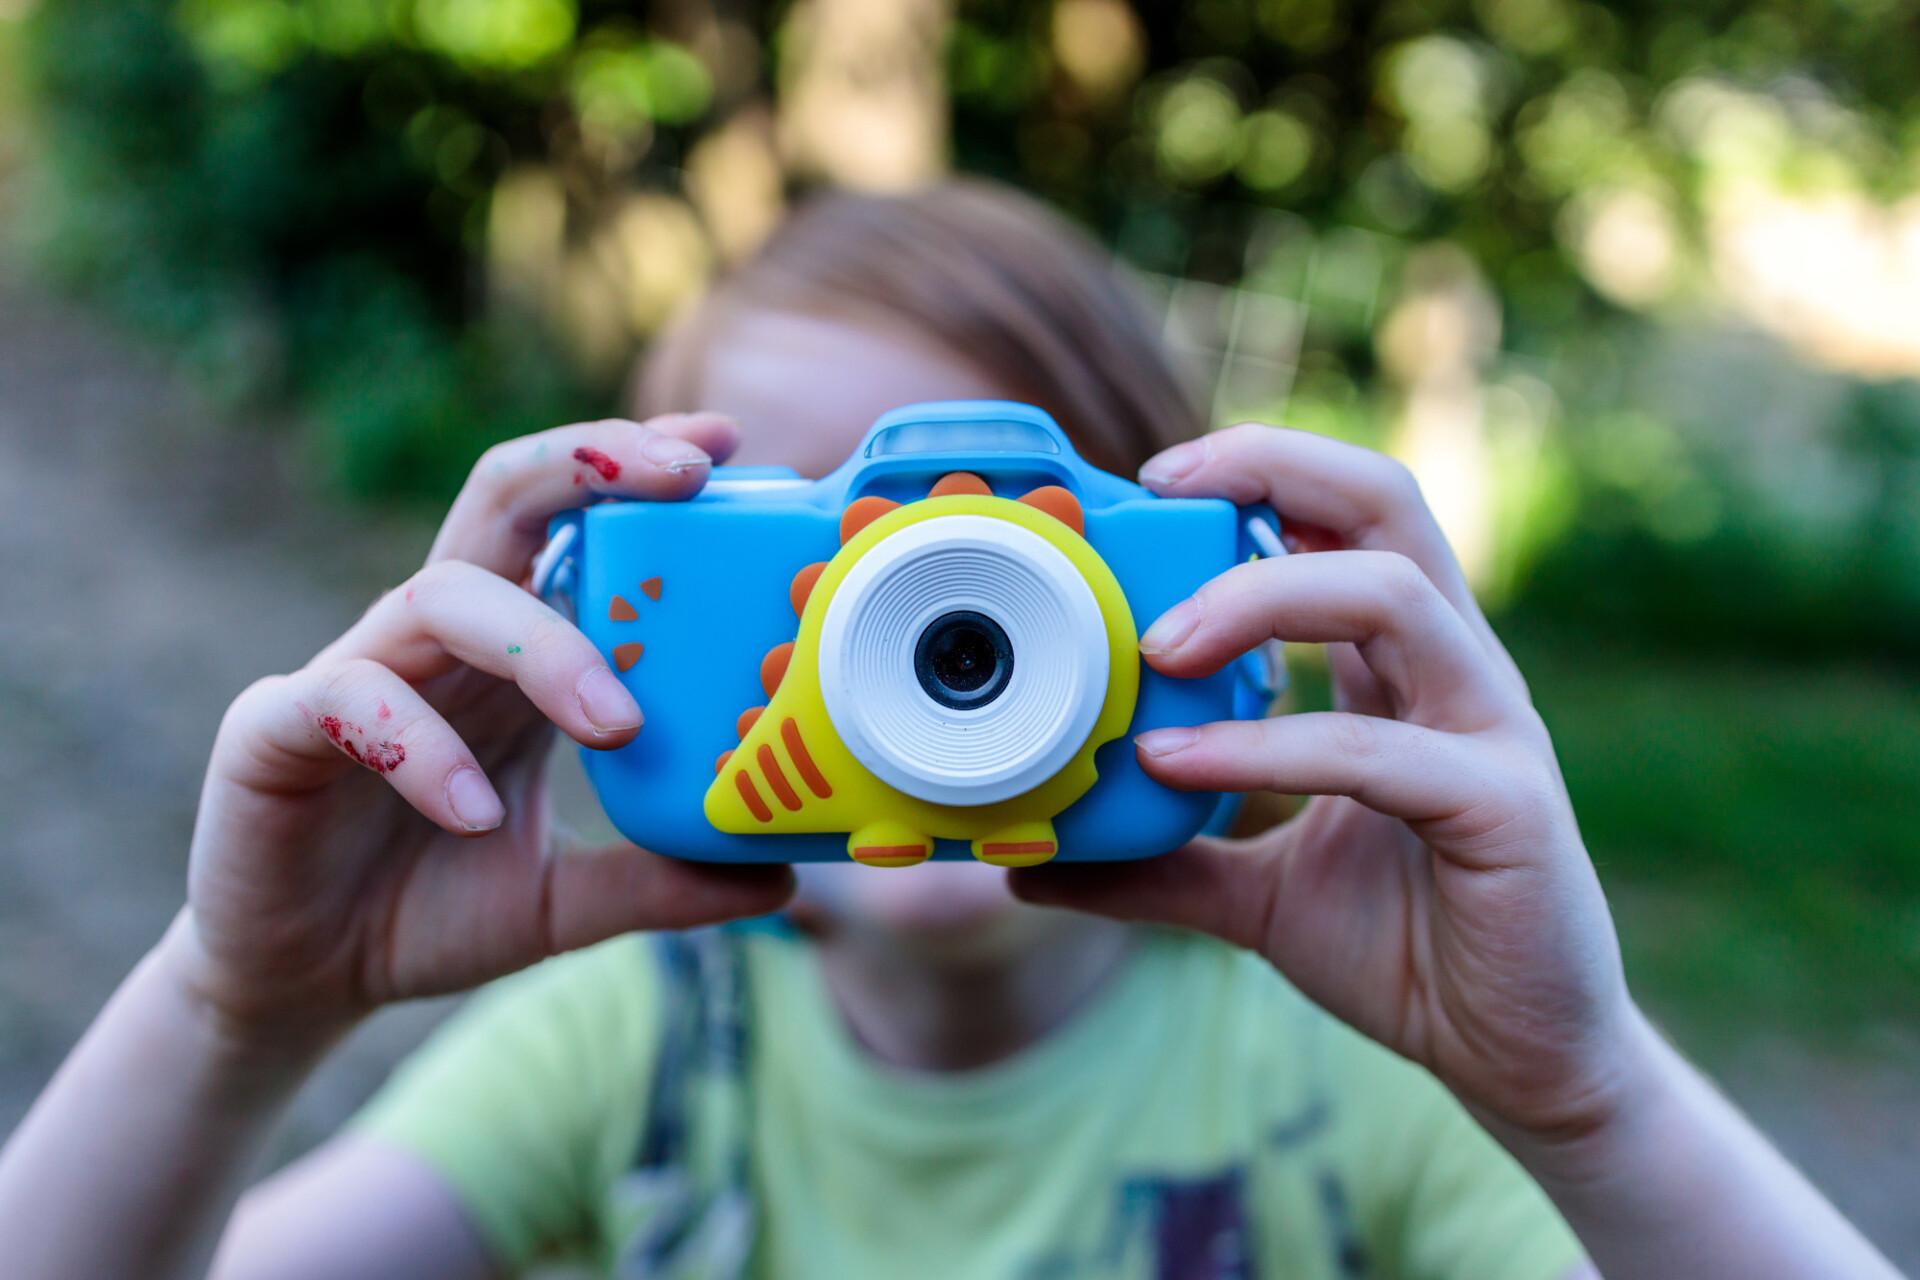 Child takes photos